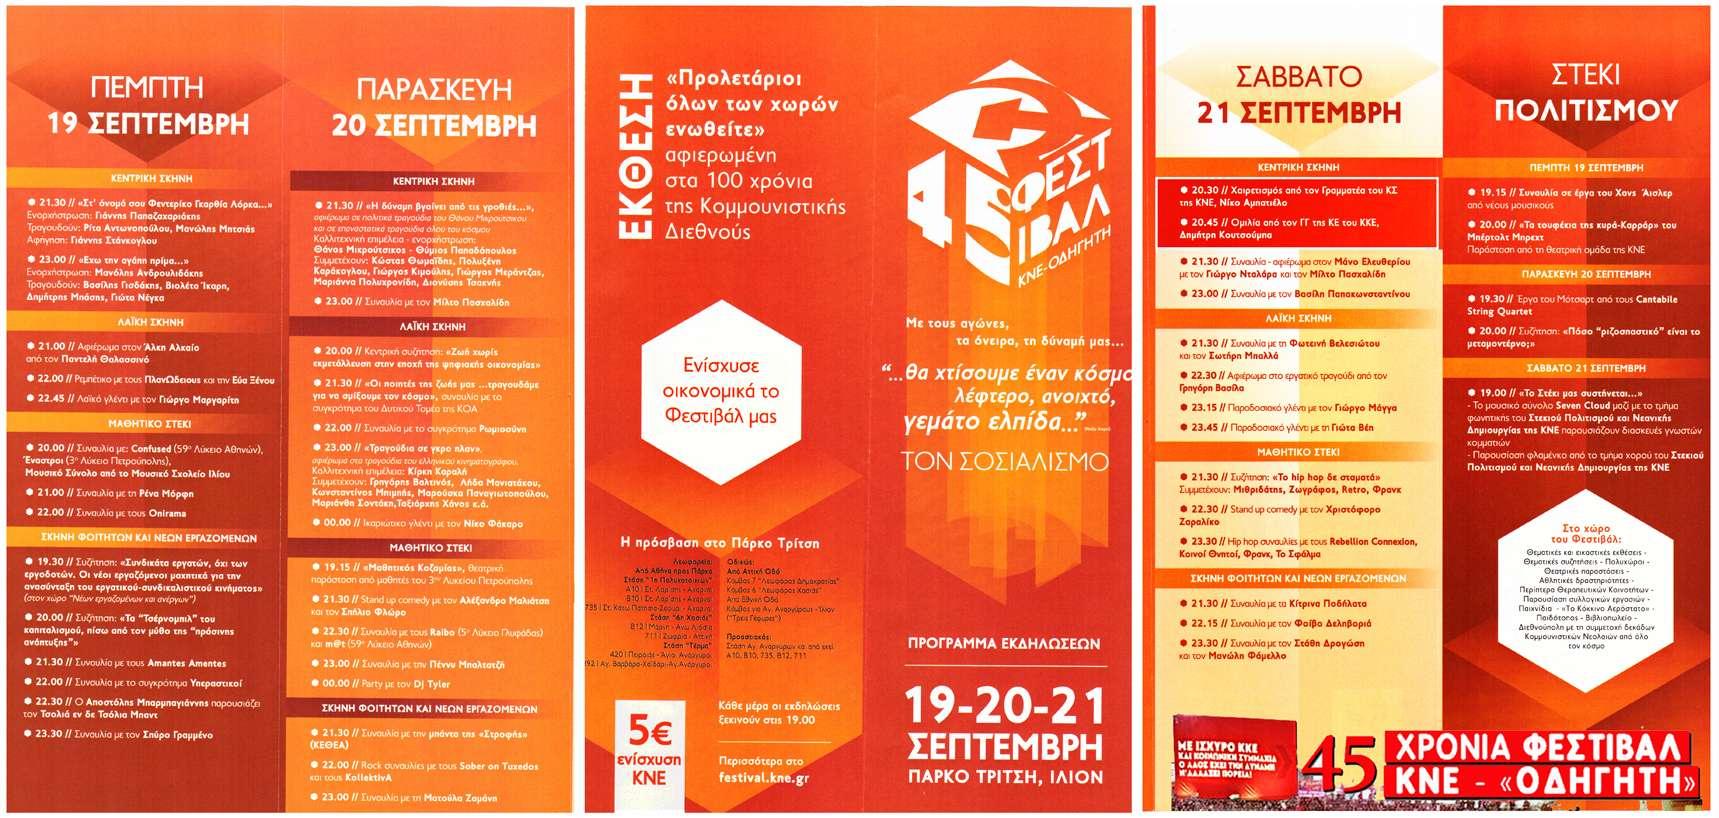 45ο Φεστιβάλ ΚΝΕ-ΟΓΗΓΗΤΗ Αθήνα